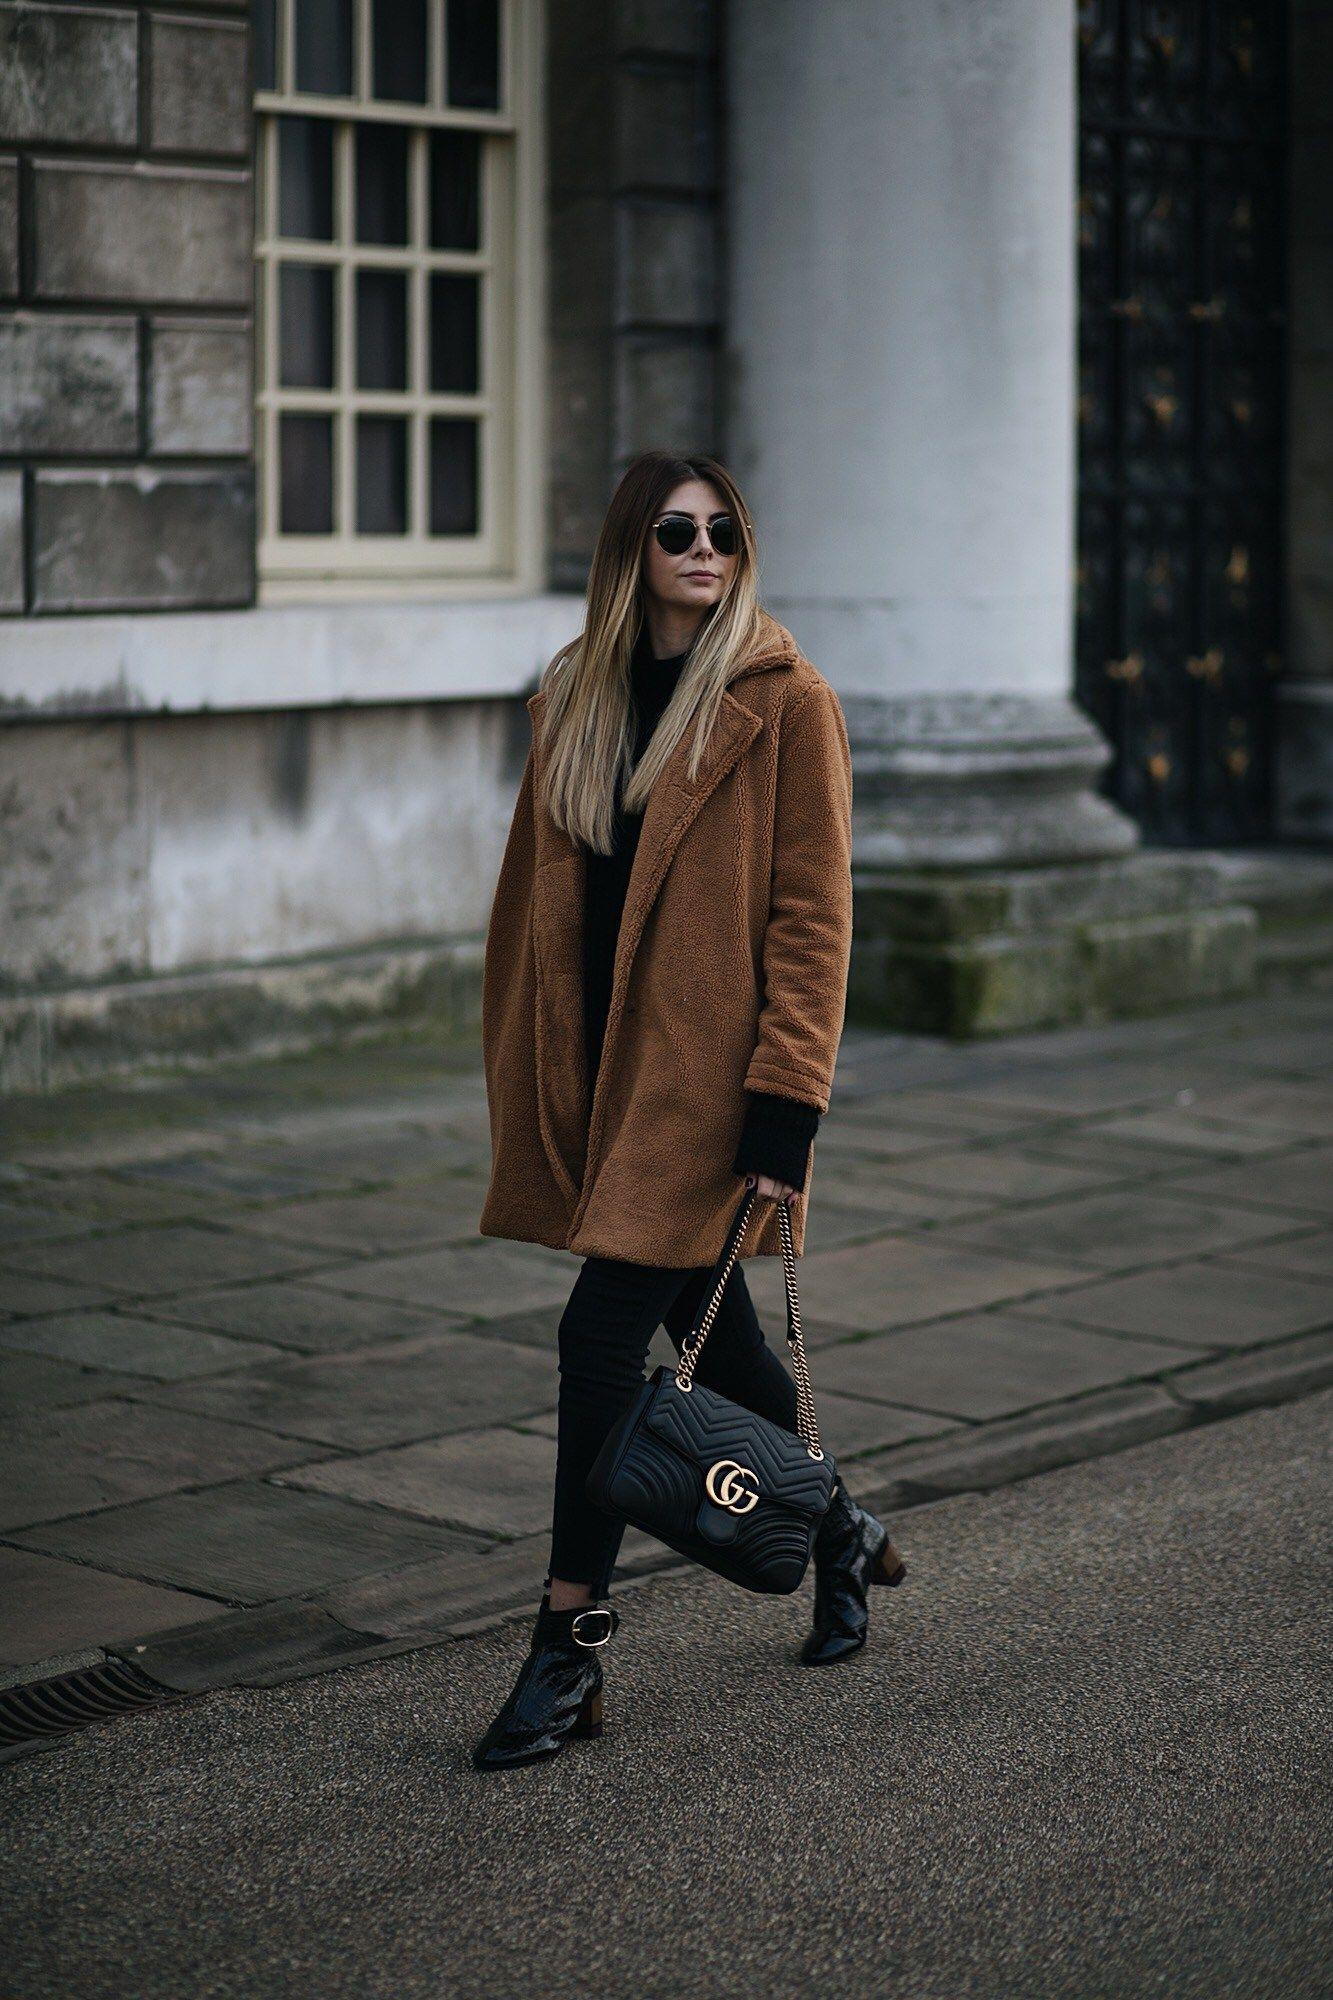 eb2c9e7d7653 Emma Hill wears camel brown teddy bear coat